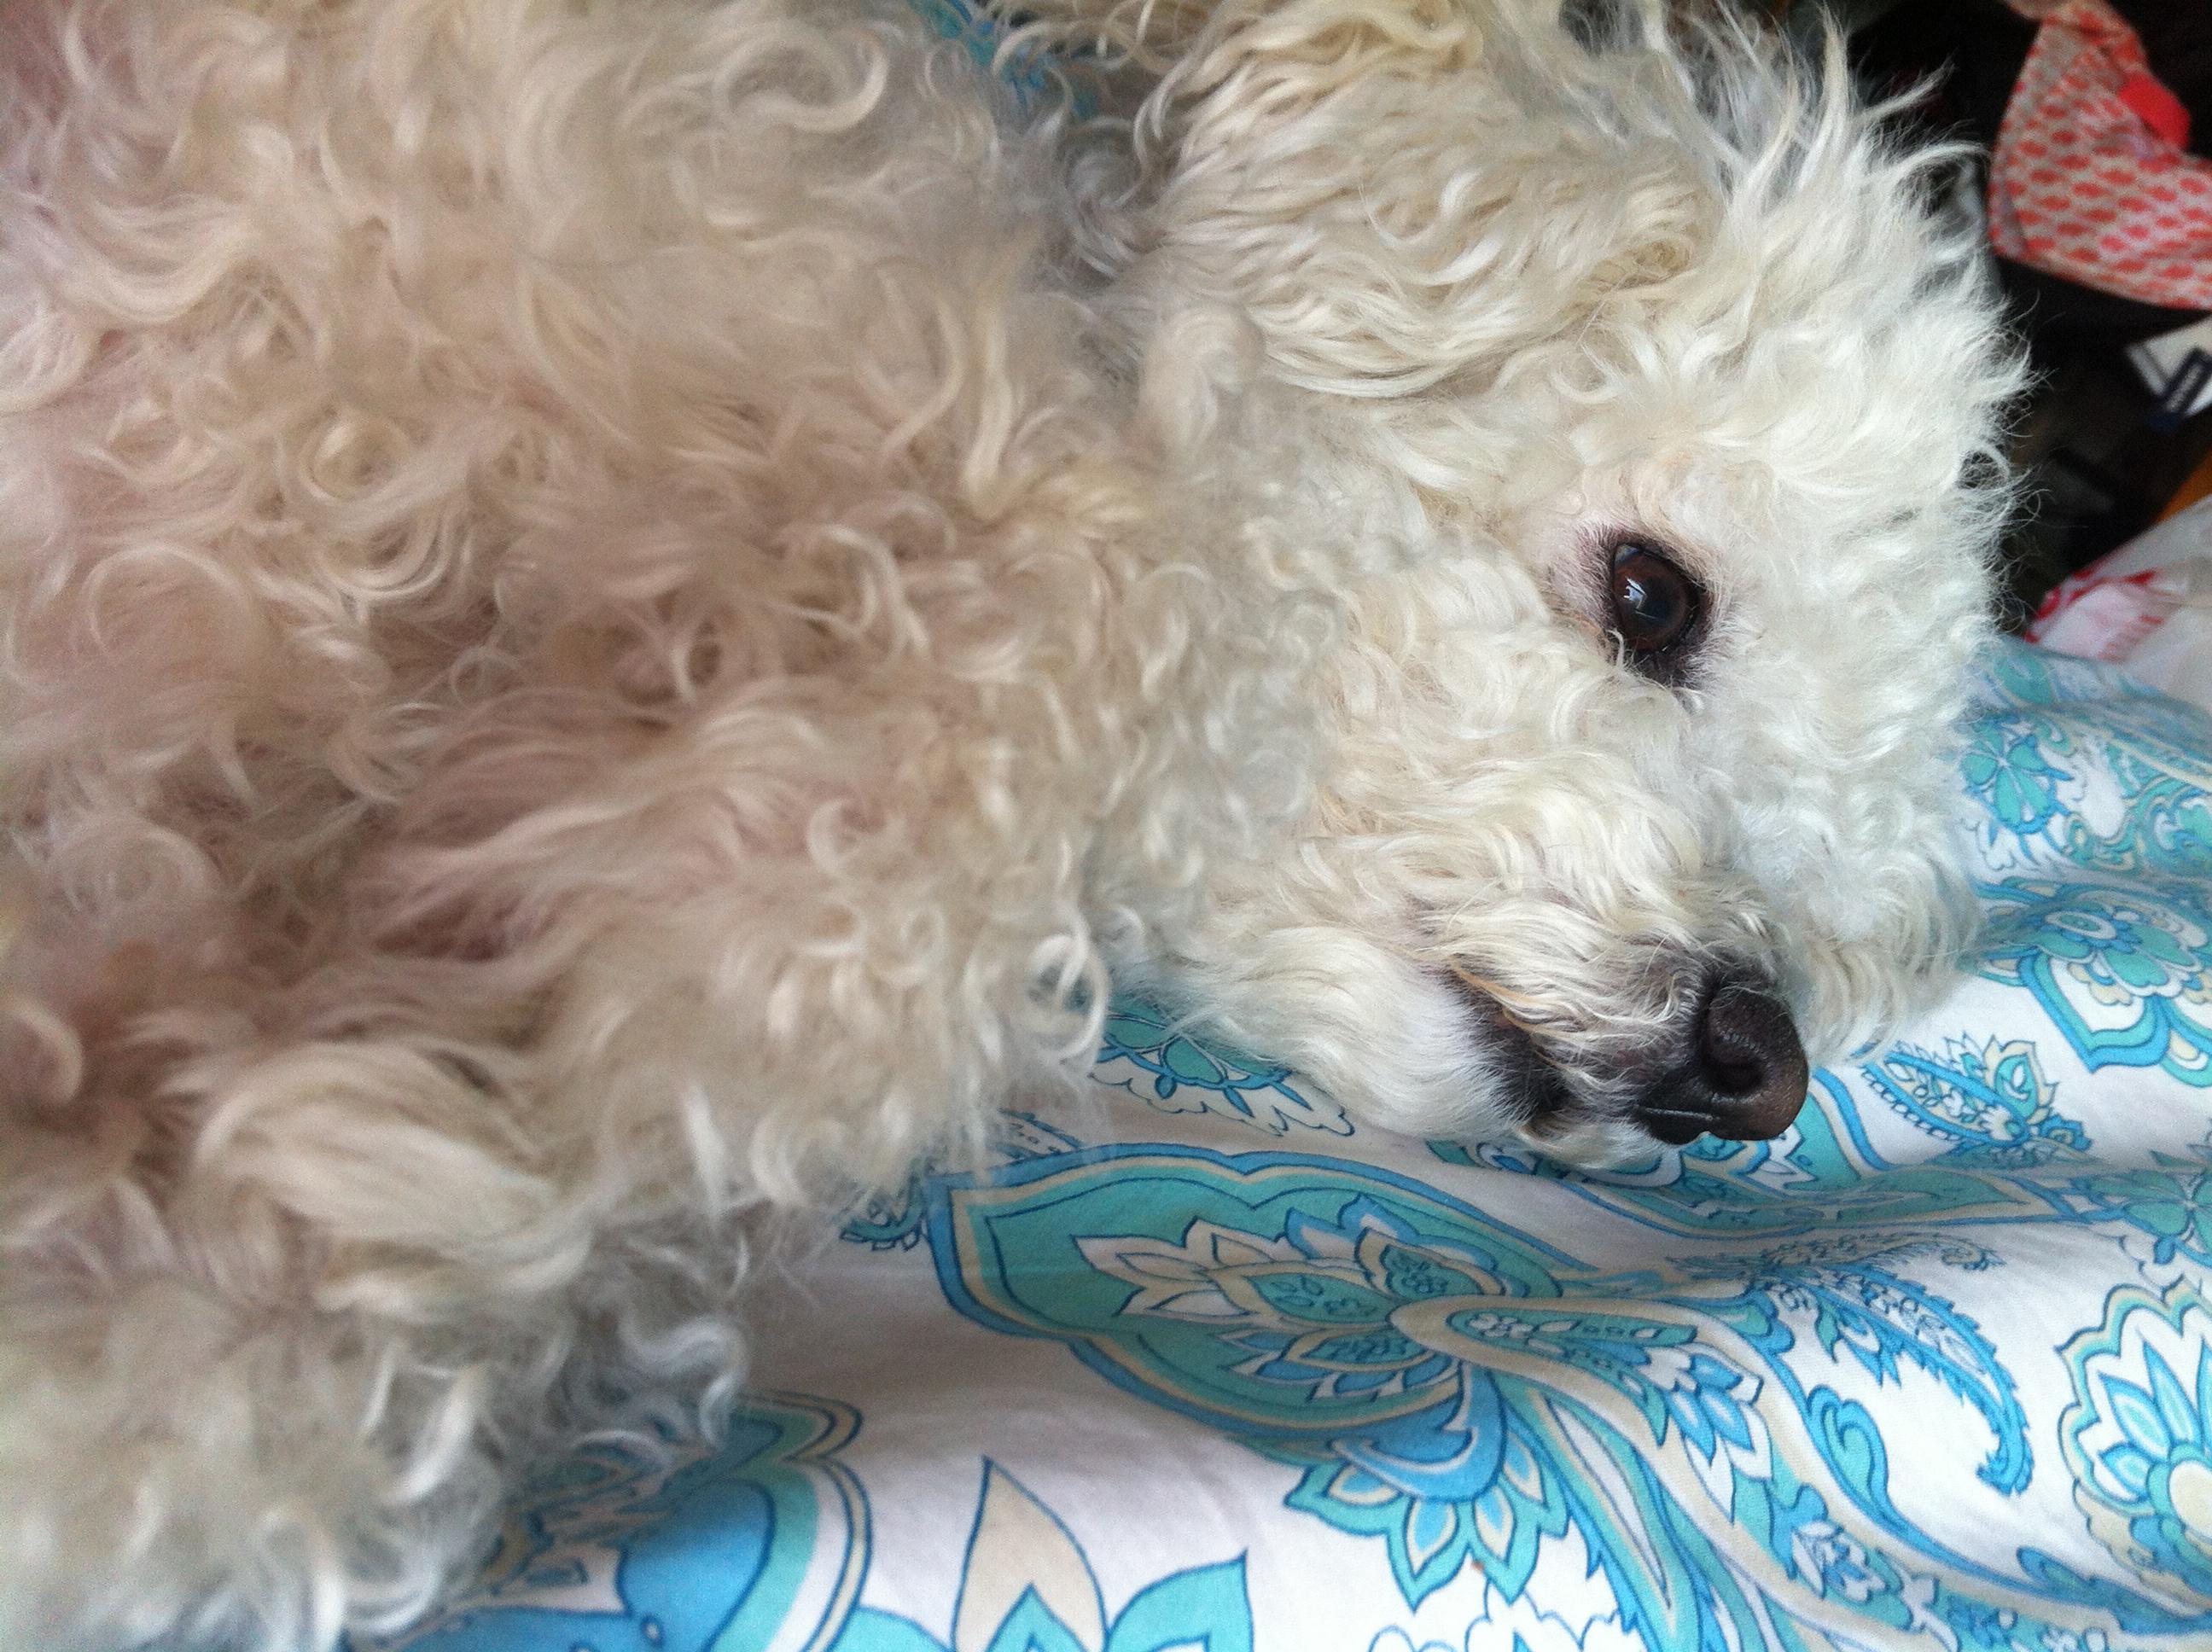 Morning Chloe